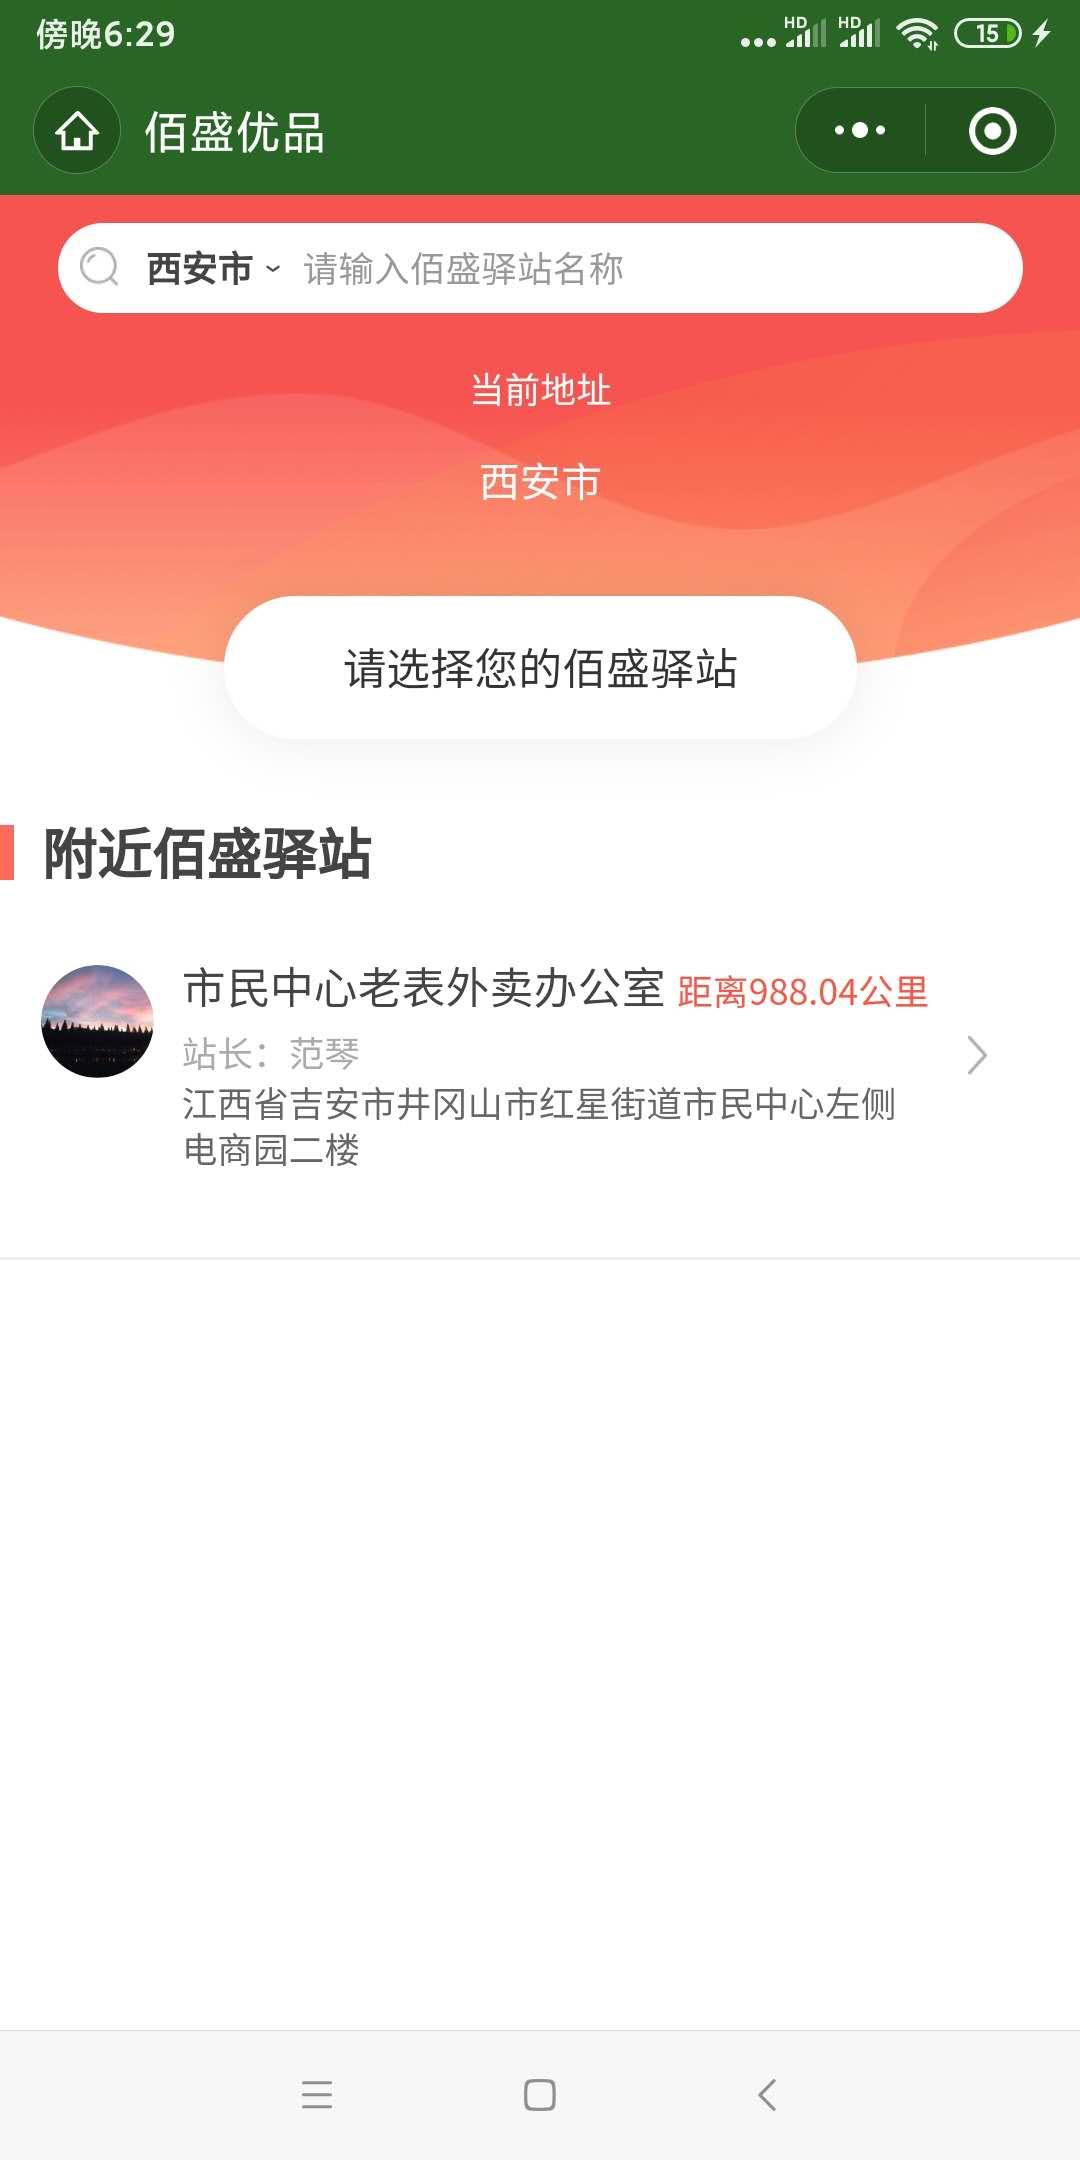 狮子鱼社区团购源码